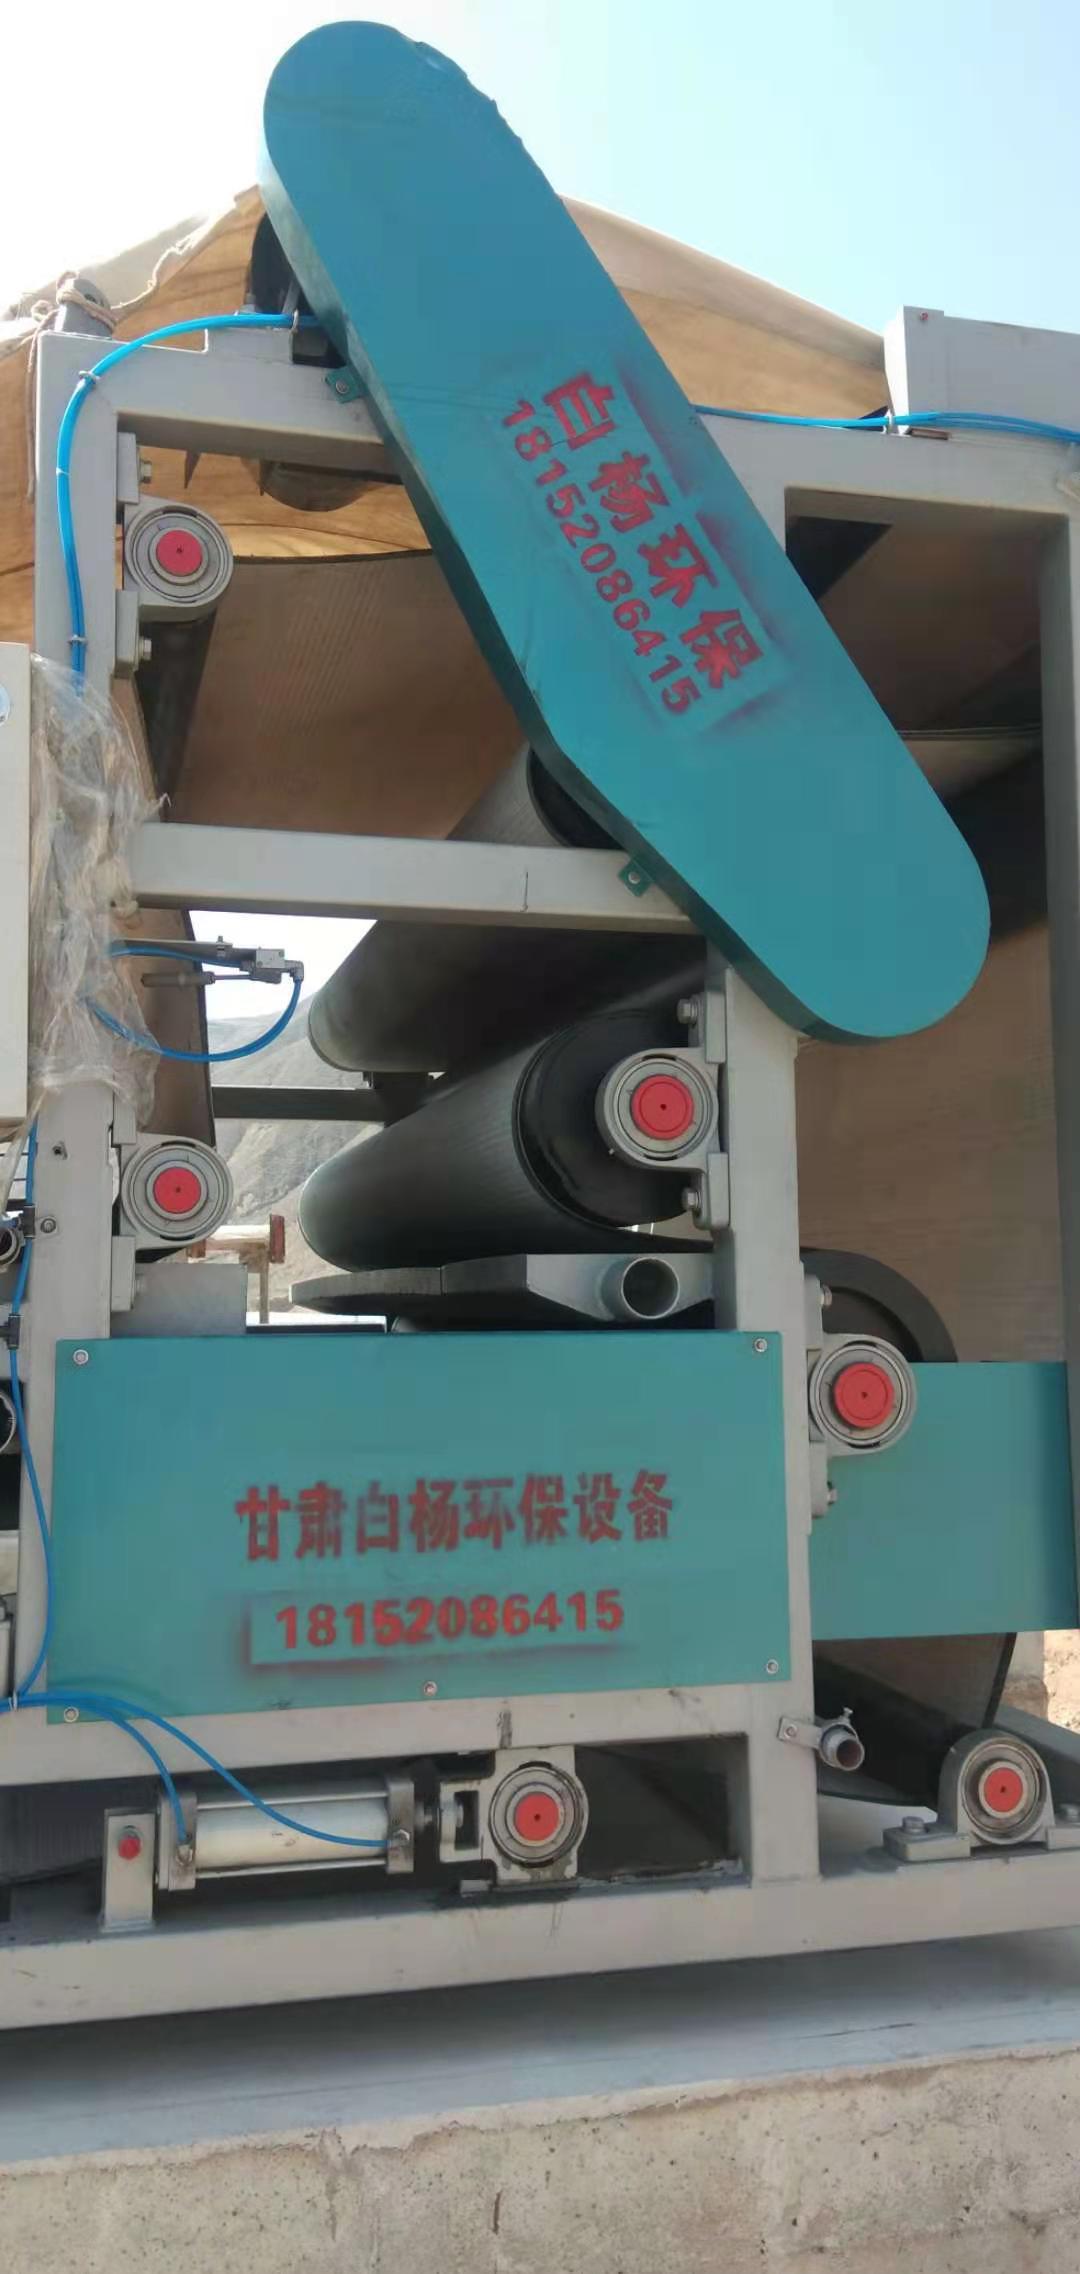 兰州污泥压滤机,甘肃带式污泥压滤机,兰州砂场污水处理,甘肃沙场污水,砂场污水处理